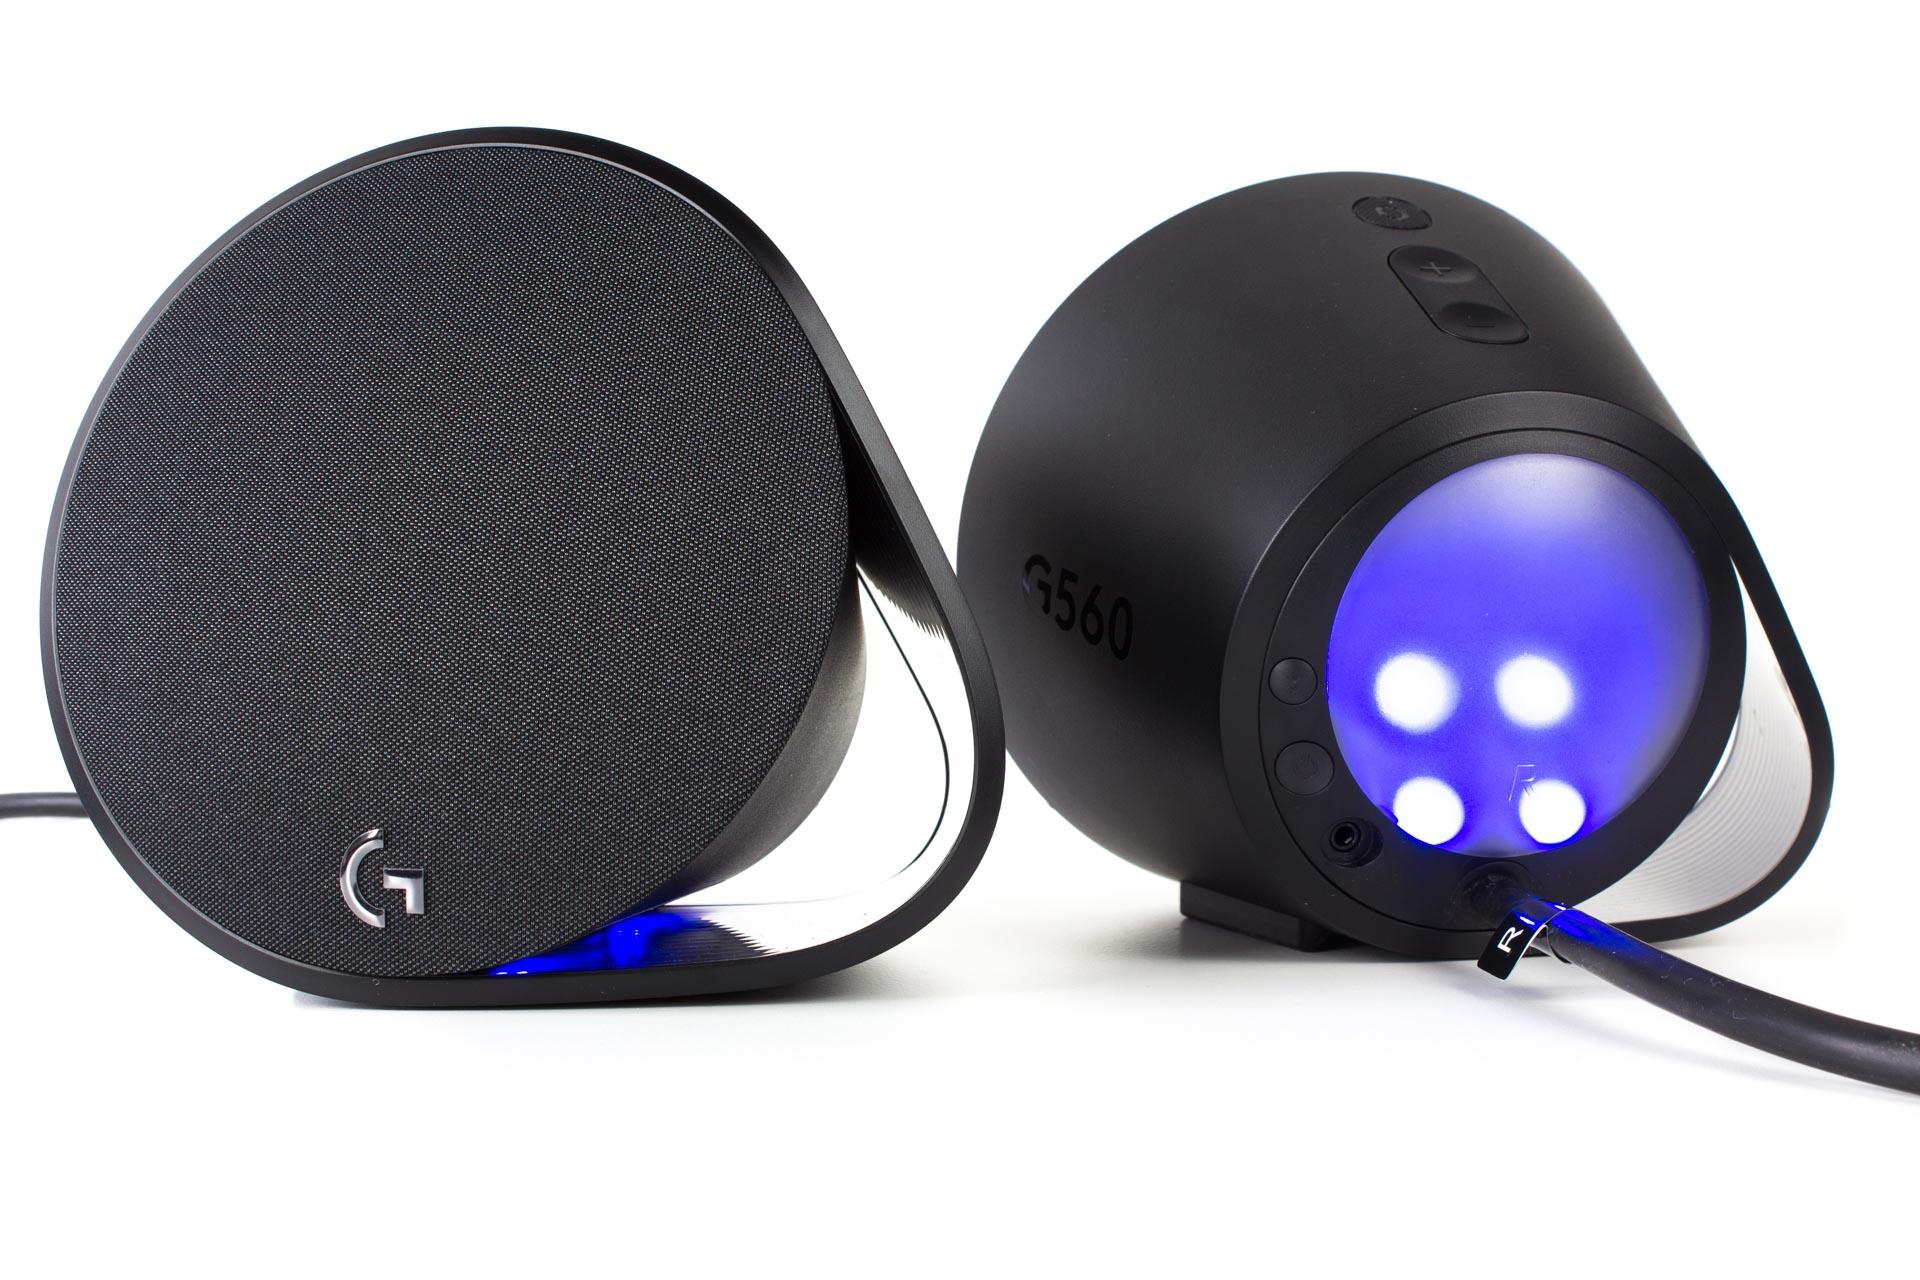 Test Logitech G560 Gaming Lautsprecher Lightsync Pc Speaker Vorne Und Hinten